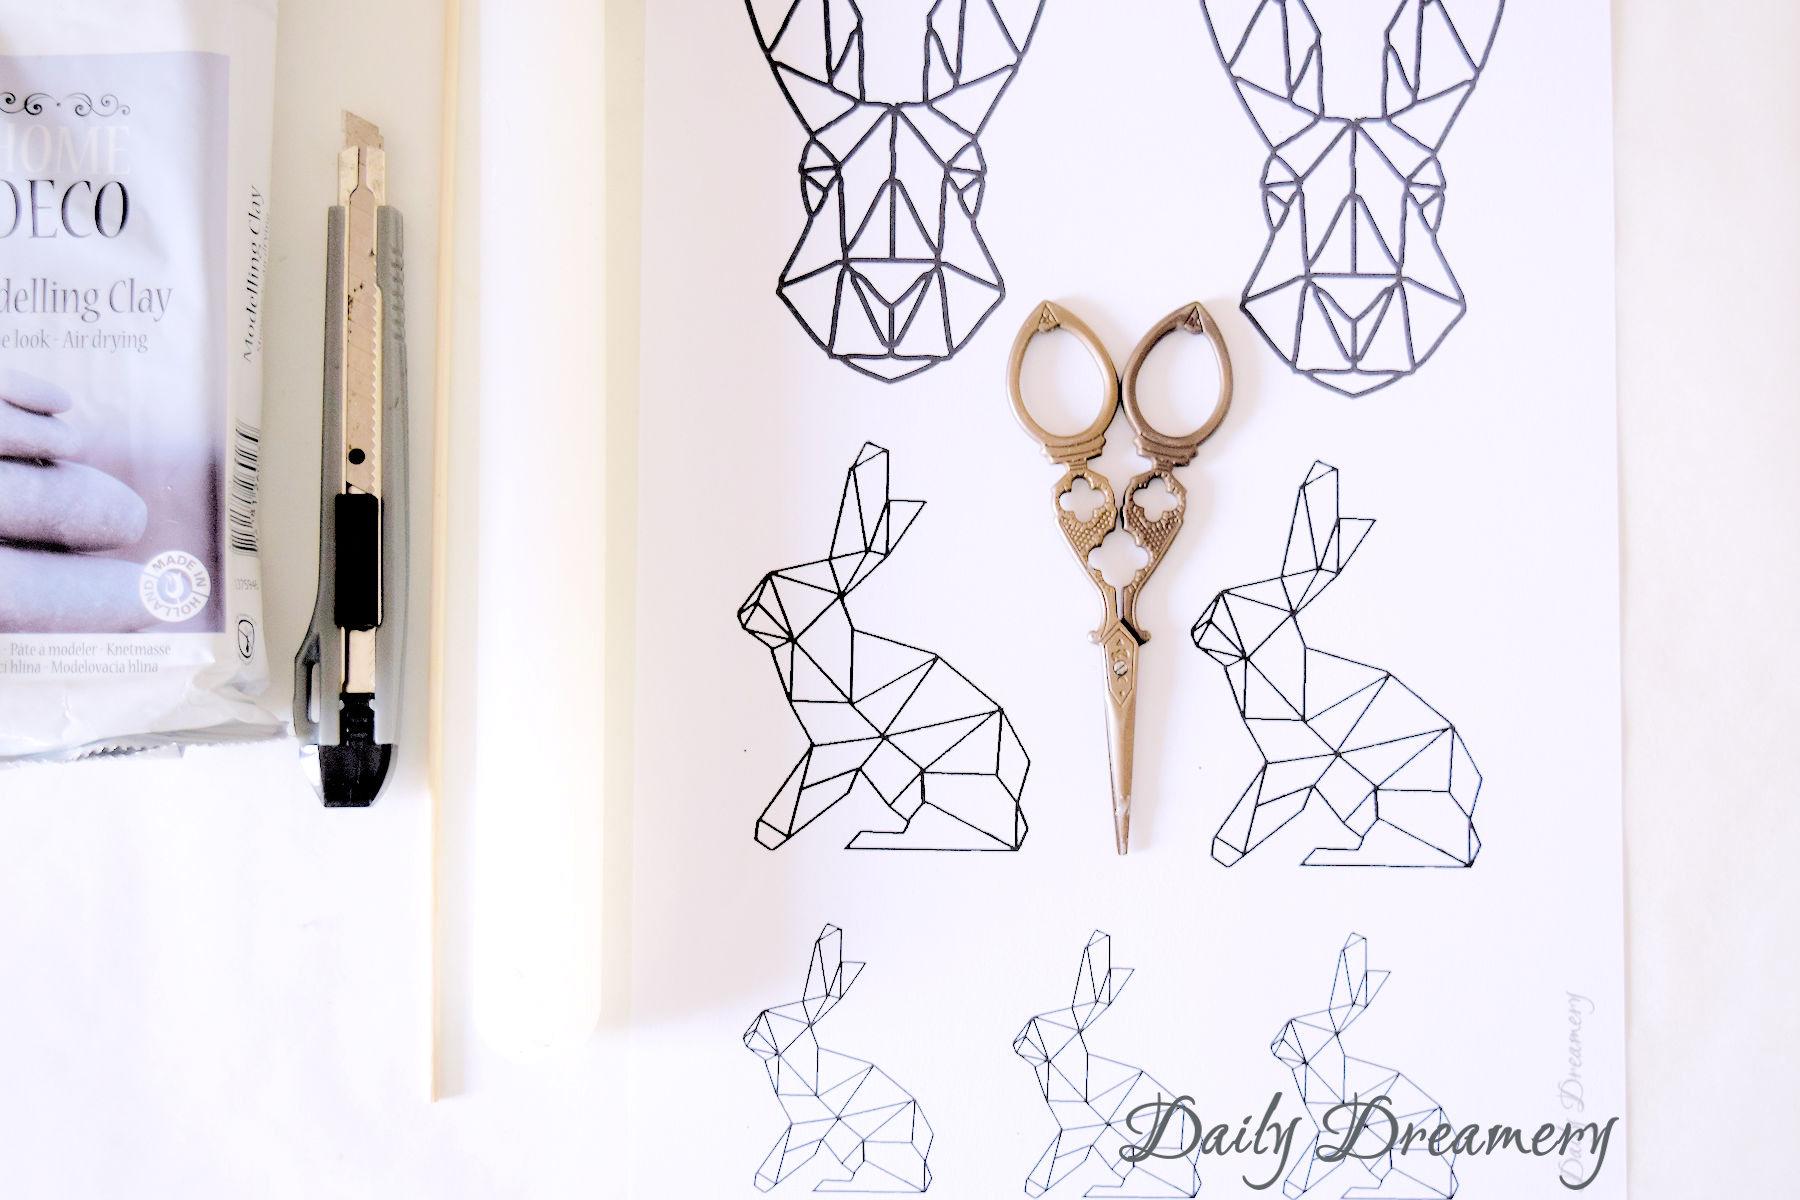 Hasen Geometrie Modelliermasse Ostern Deko Diy 1 Daily Dreamery